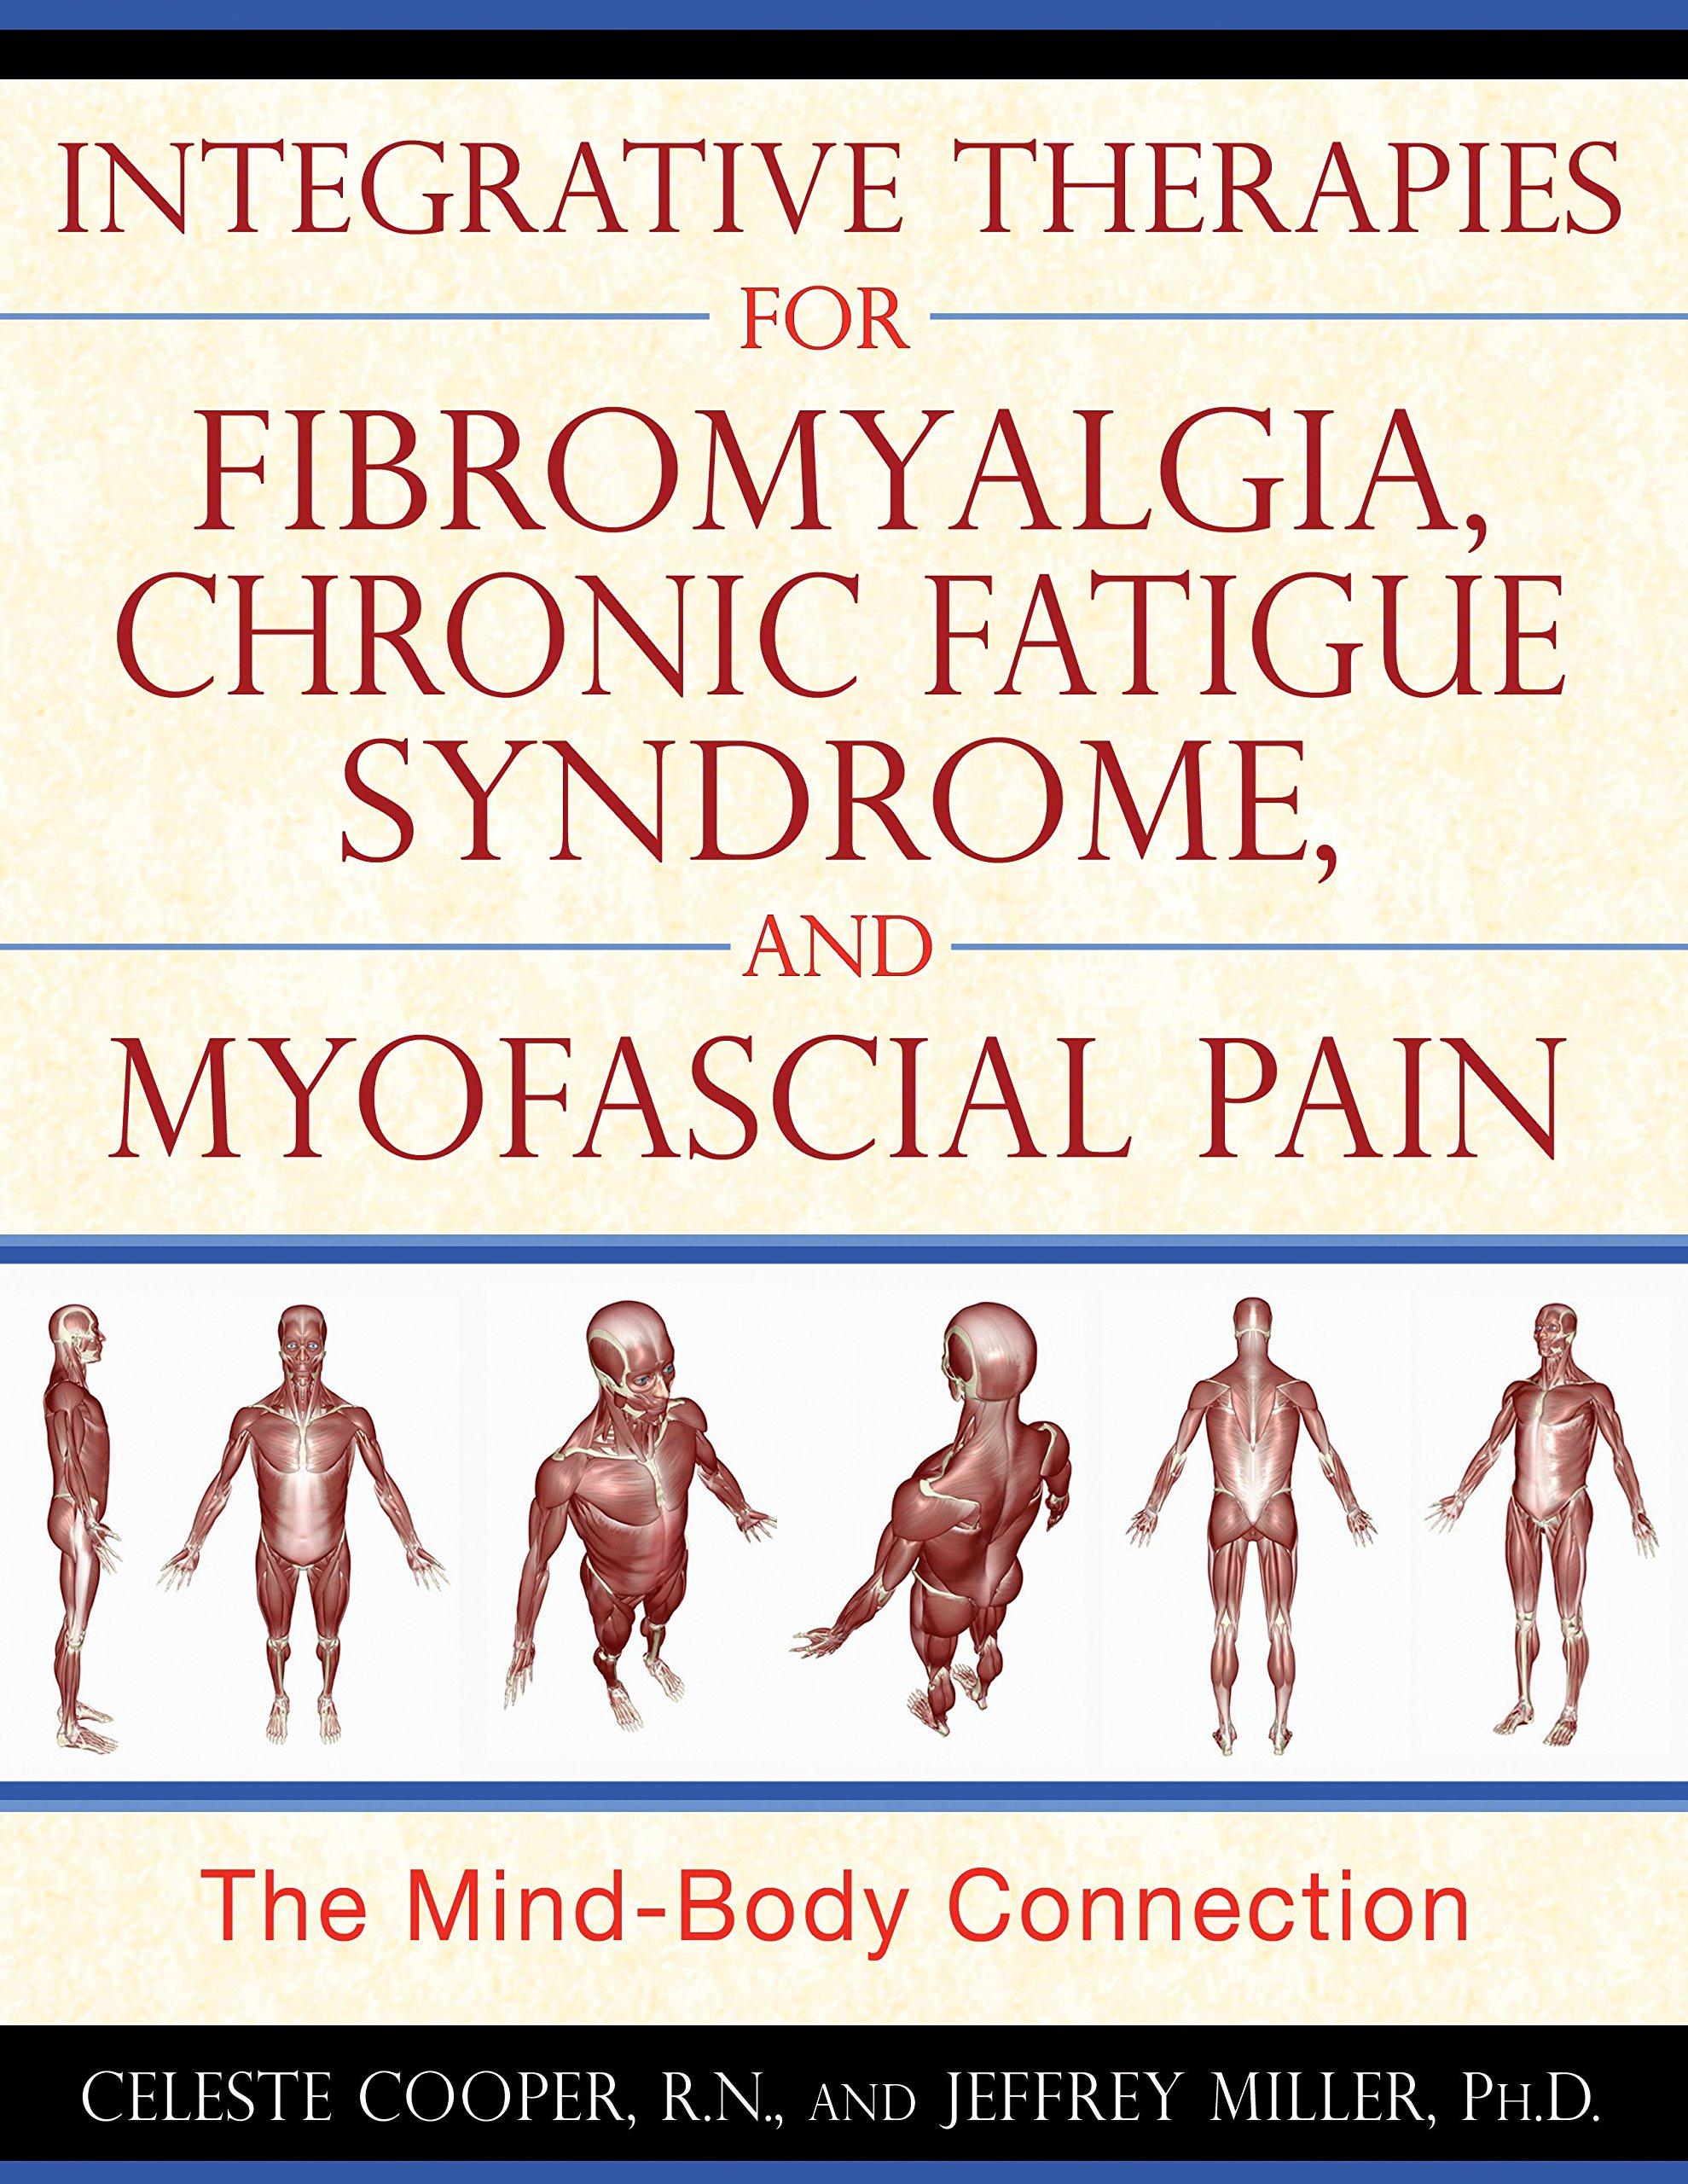 Blending Intimacy and Fibromyalgia Blending Intimacy and Fibromyalgia new pictures